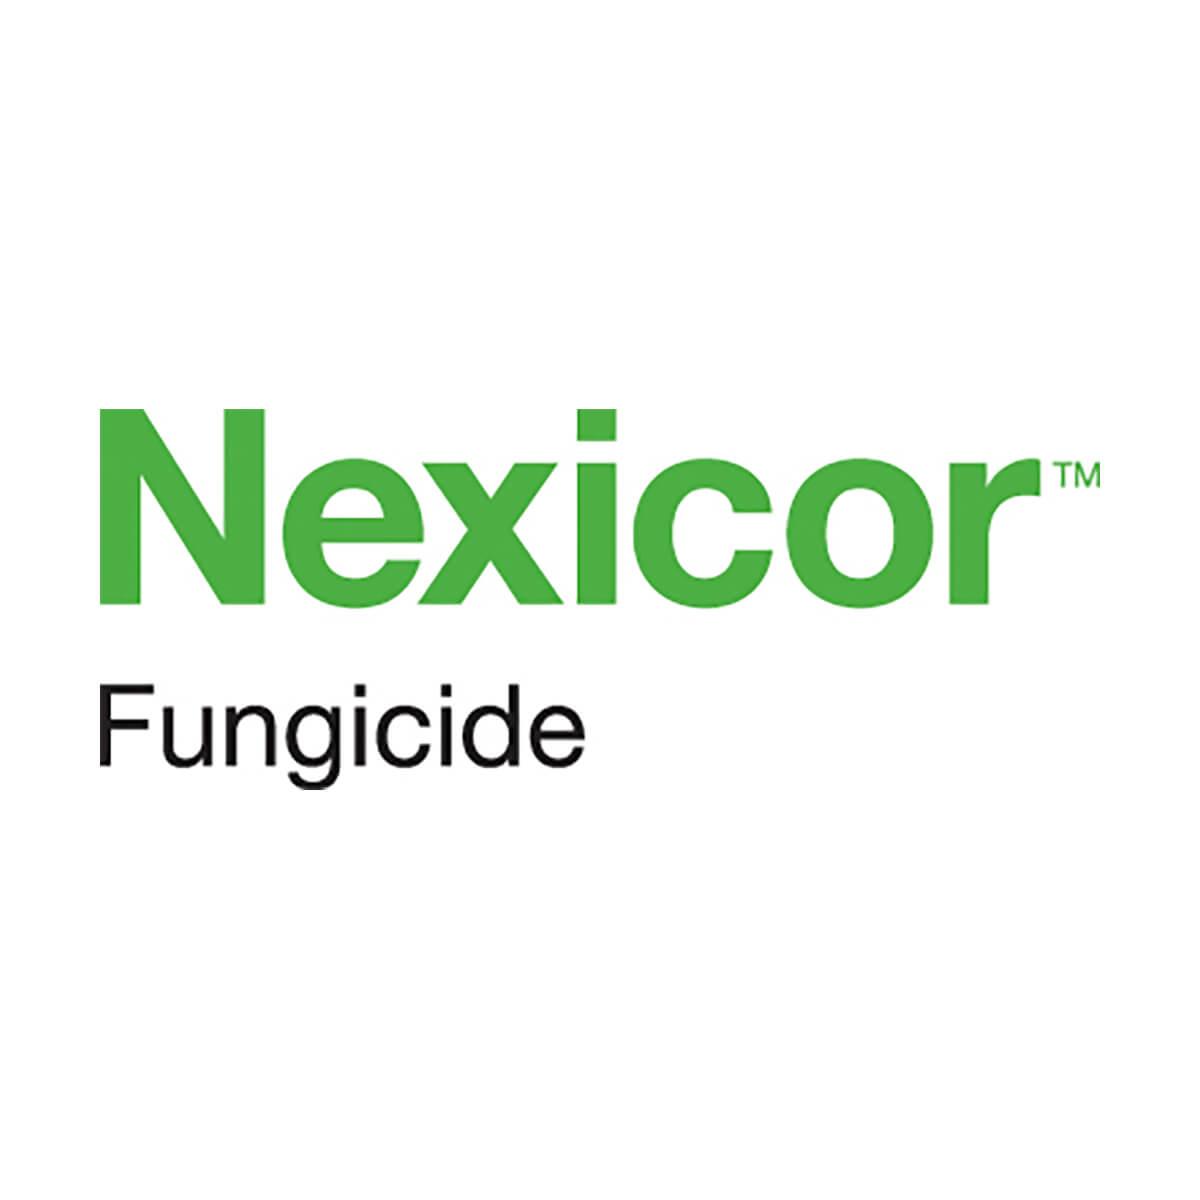 Nexicor ™ - 8 L Jug